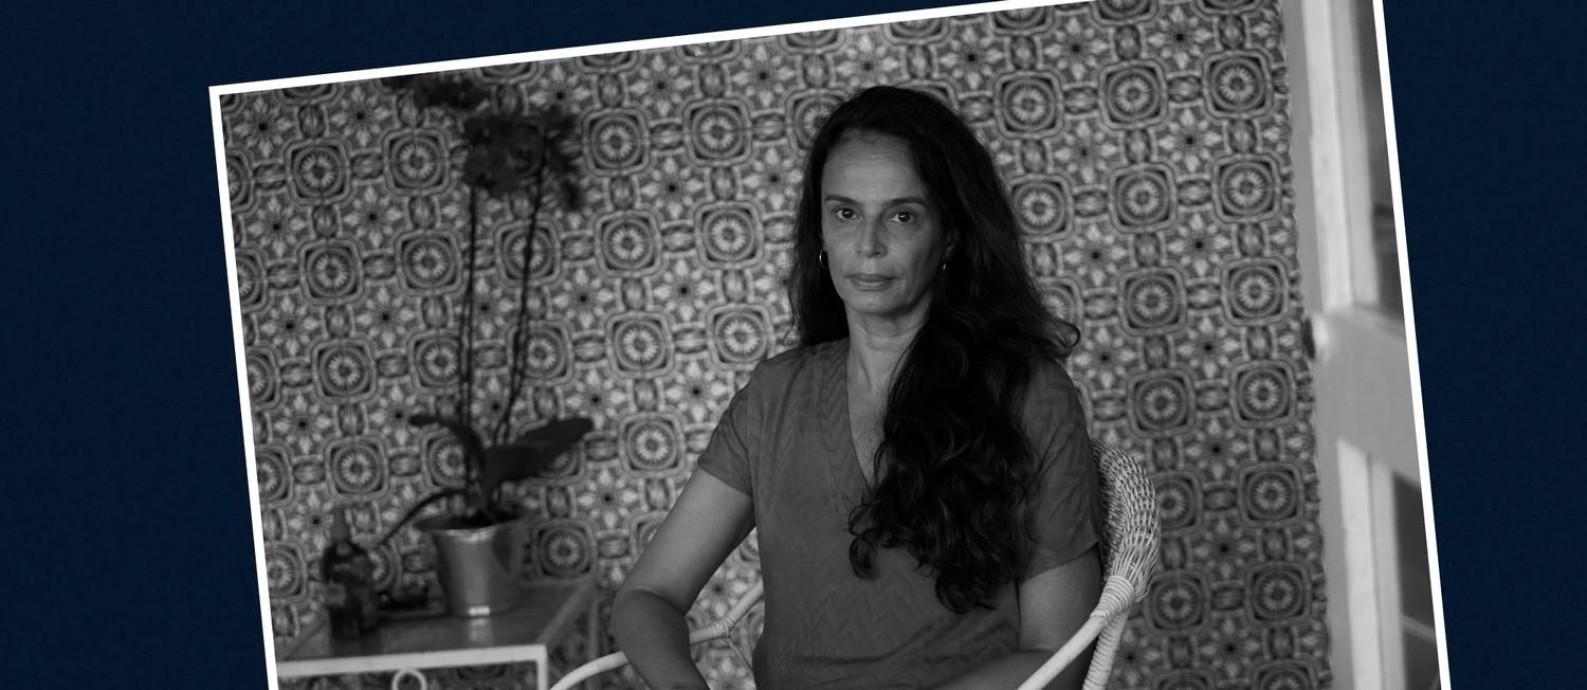 Alessandra Teixeira convenceu o pai de ser intubado Foto: Arquivo Pessoal